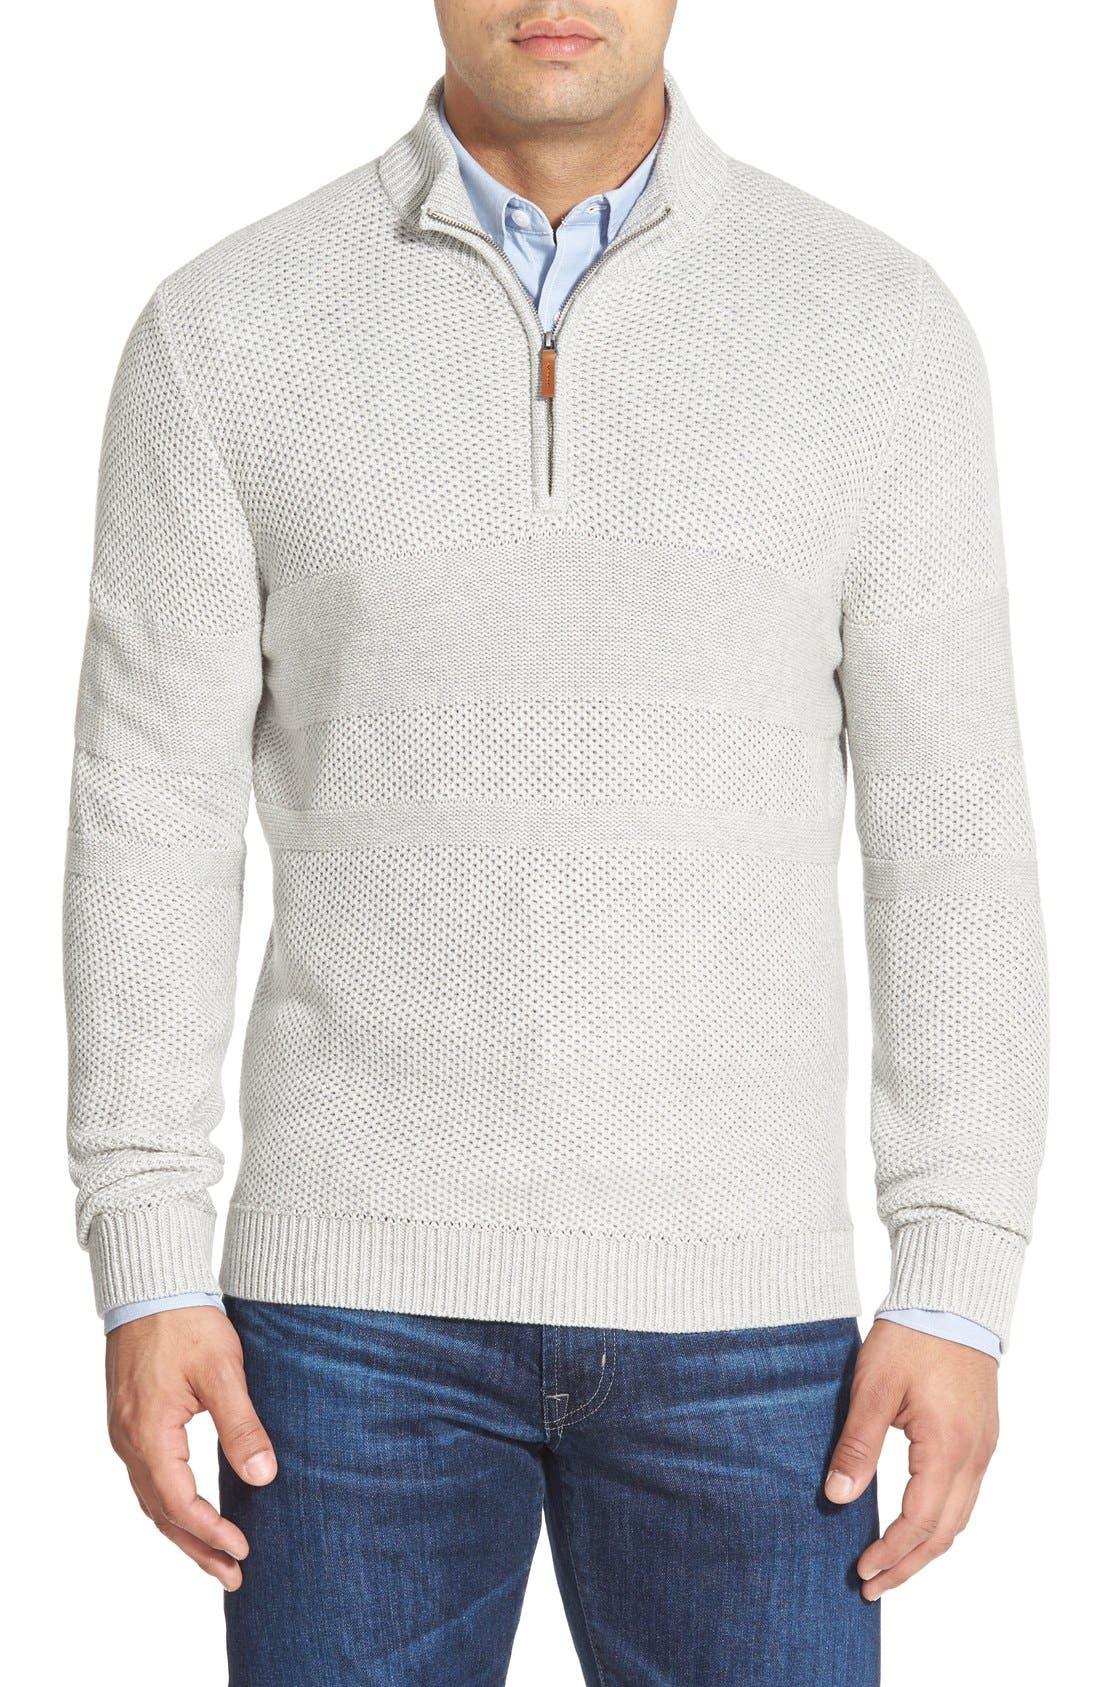 Texture Cotton & Cashmere Quarter Zip Sweater,                             Main thumbnail 1, color,                             050